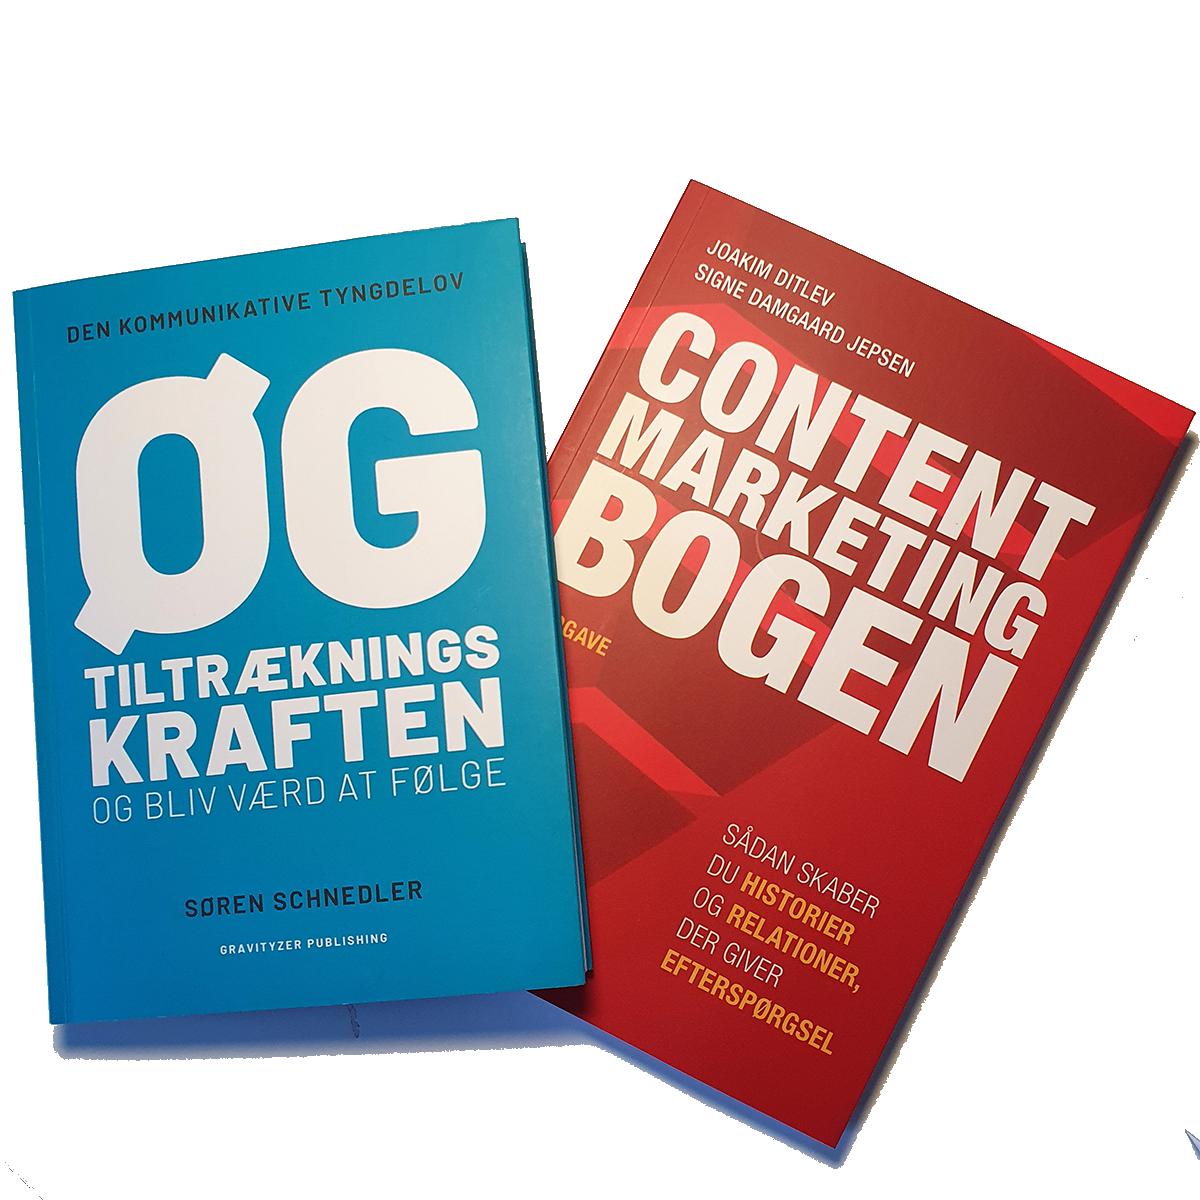 Bogpakke med Content Marketing Bogen og Øg Tiltrækningskraften